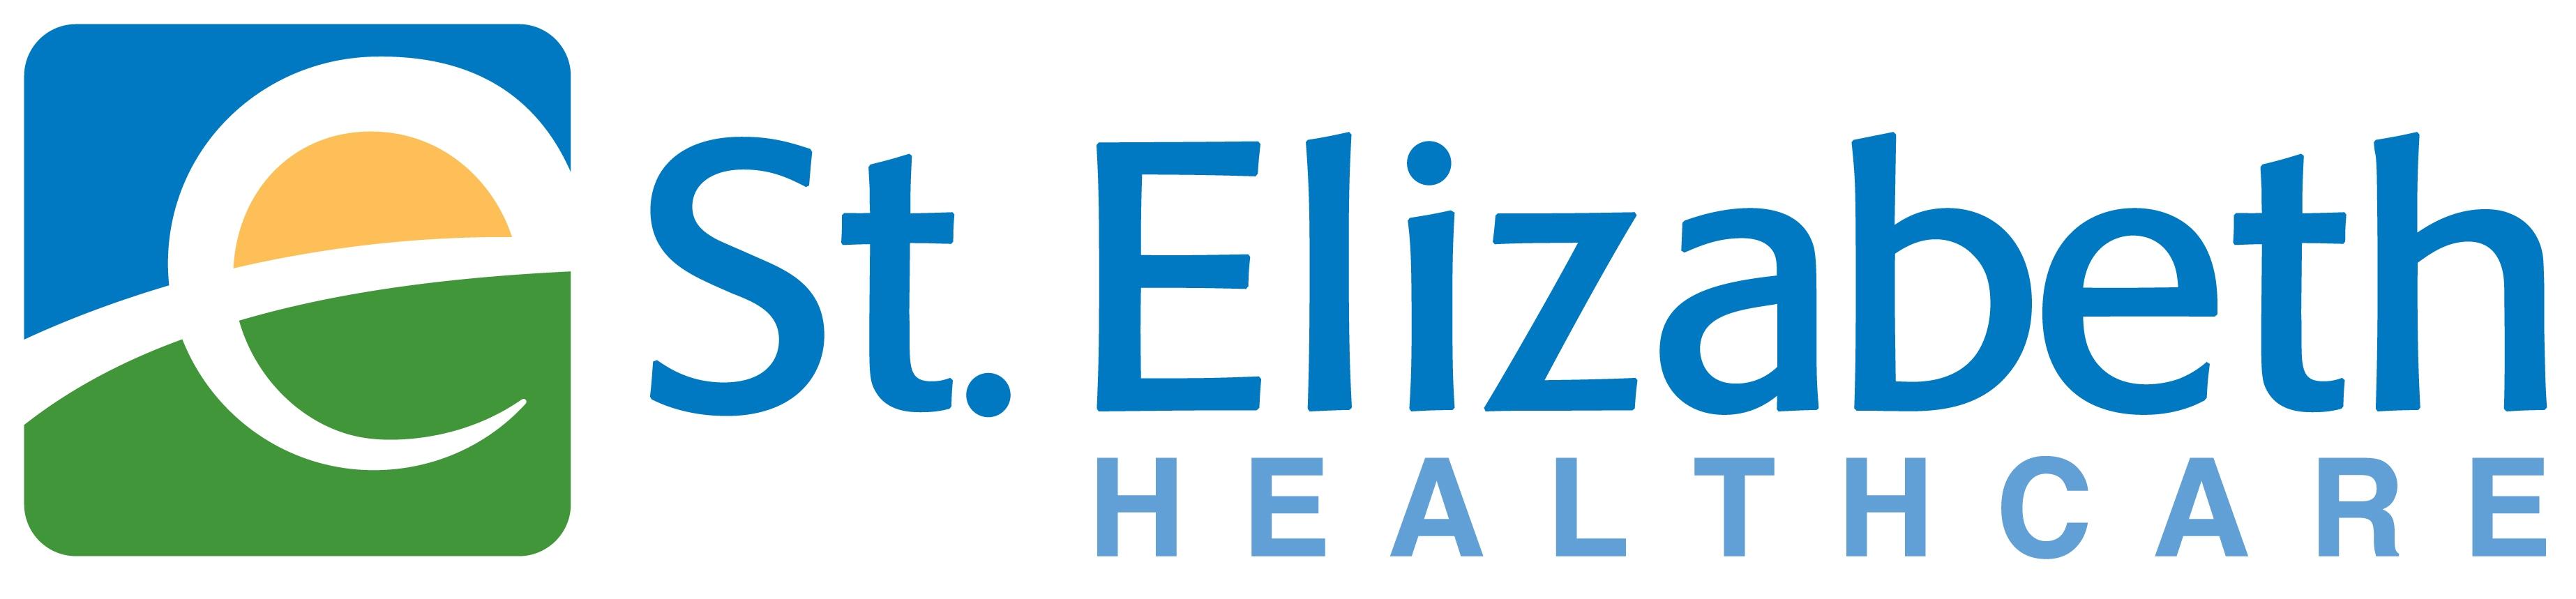 St. Elizabeth Healthcare- Florence Logo